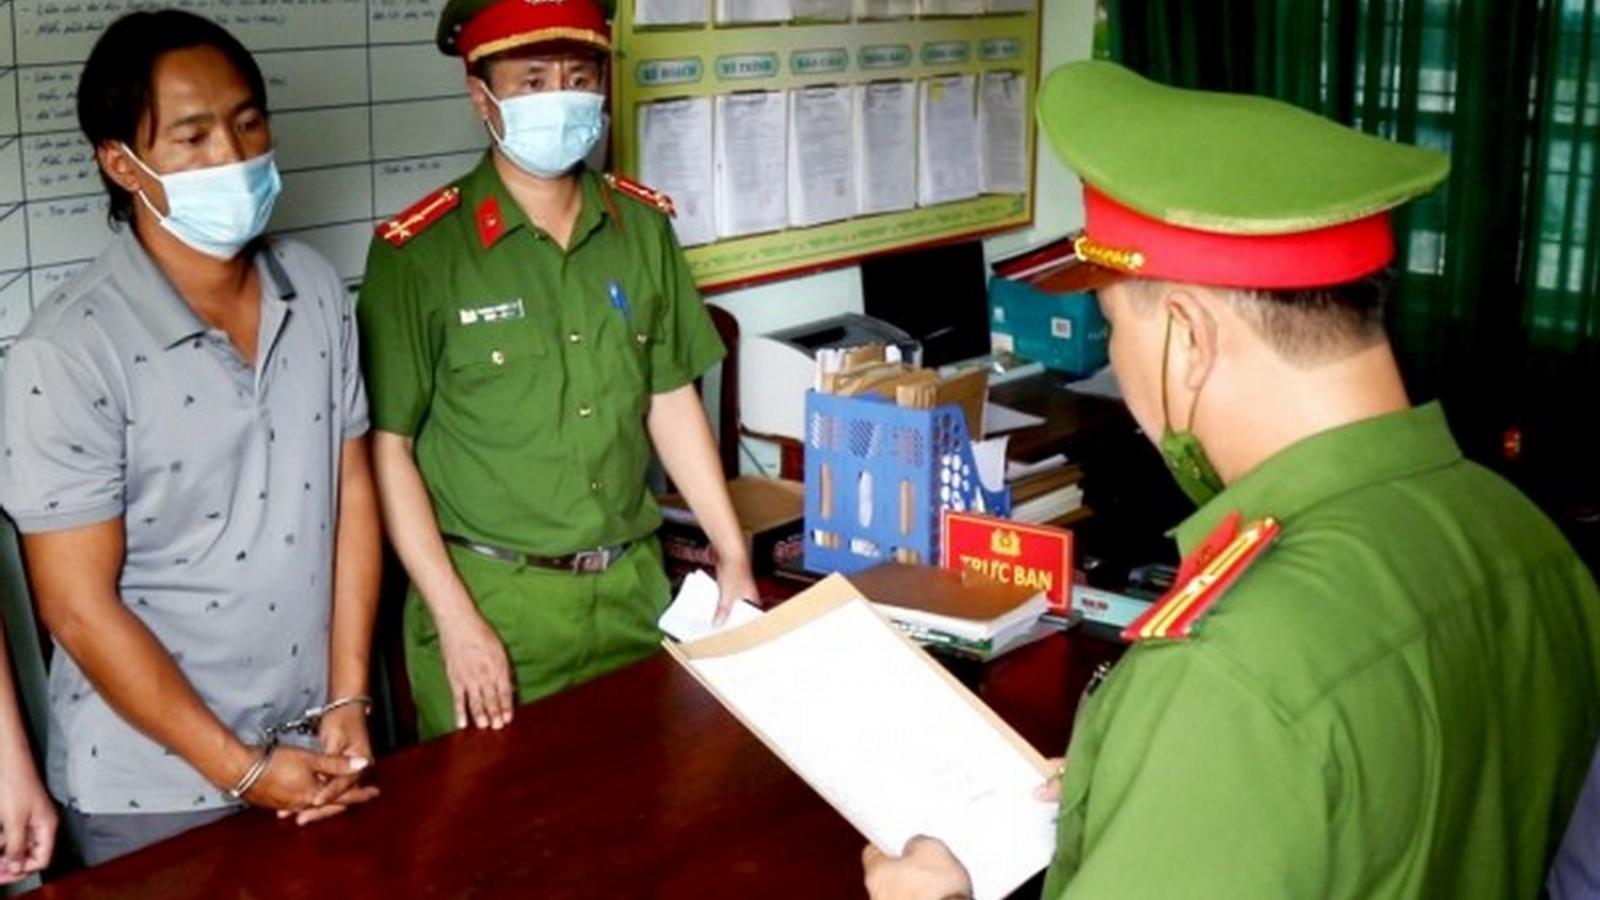 Quảng Bình: 100 cán bộ, chiến sĩ vây bắt nhóm đối tượng bảo kê cưỡng đoạt tài sản